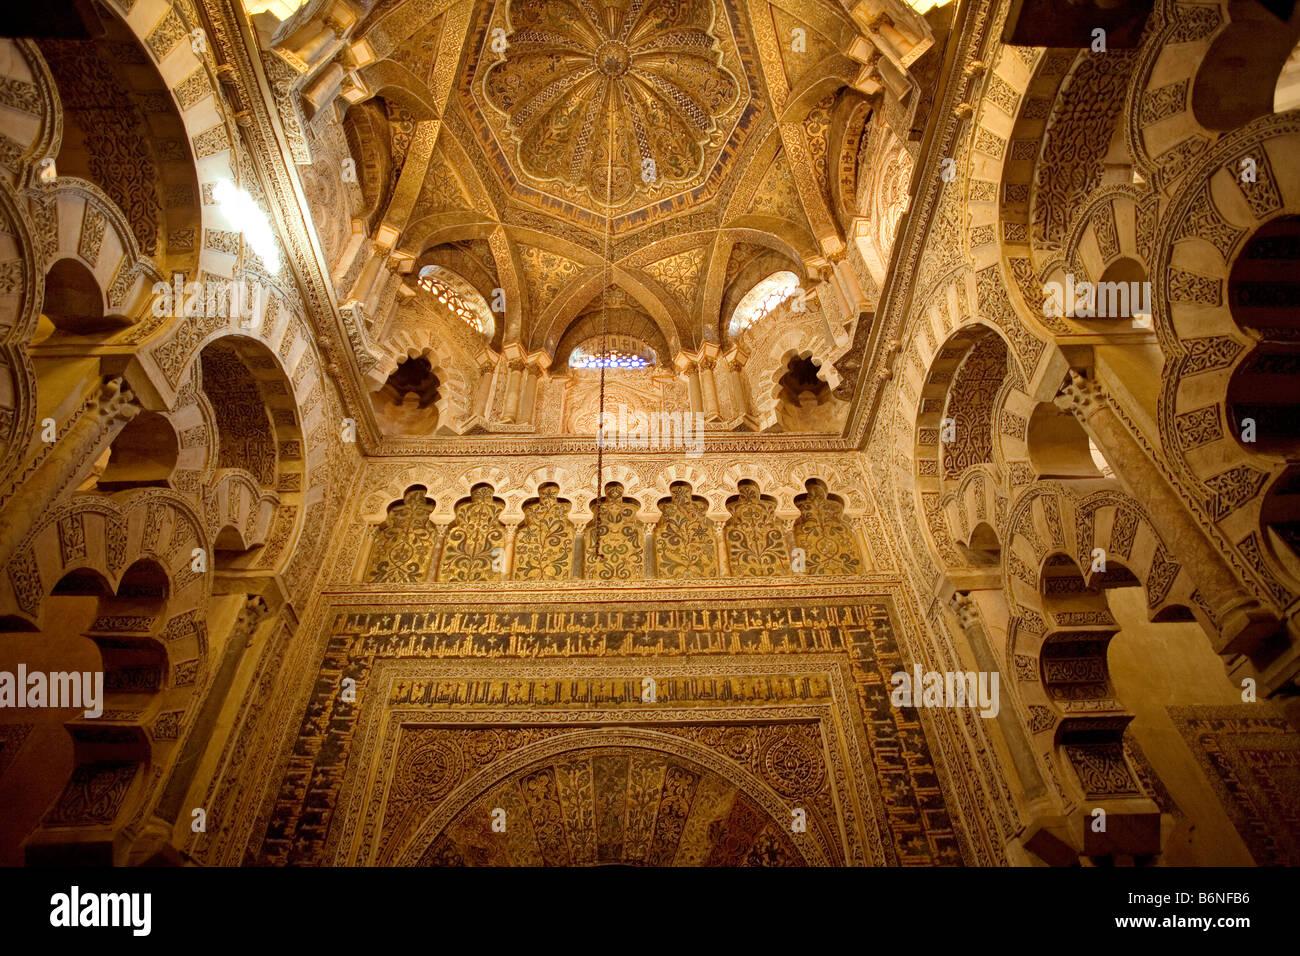 mihrab of the mosque cathedral cordova andalucia españamihrab de la mezquita catedral de cordoba andalucia españa Stock Photo